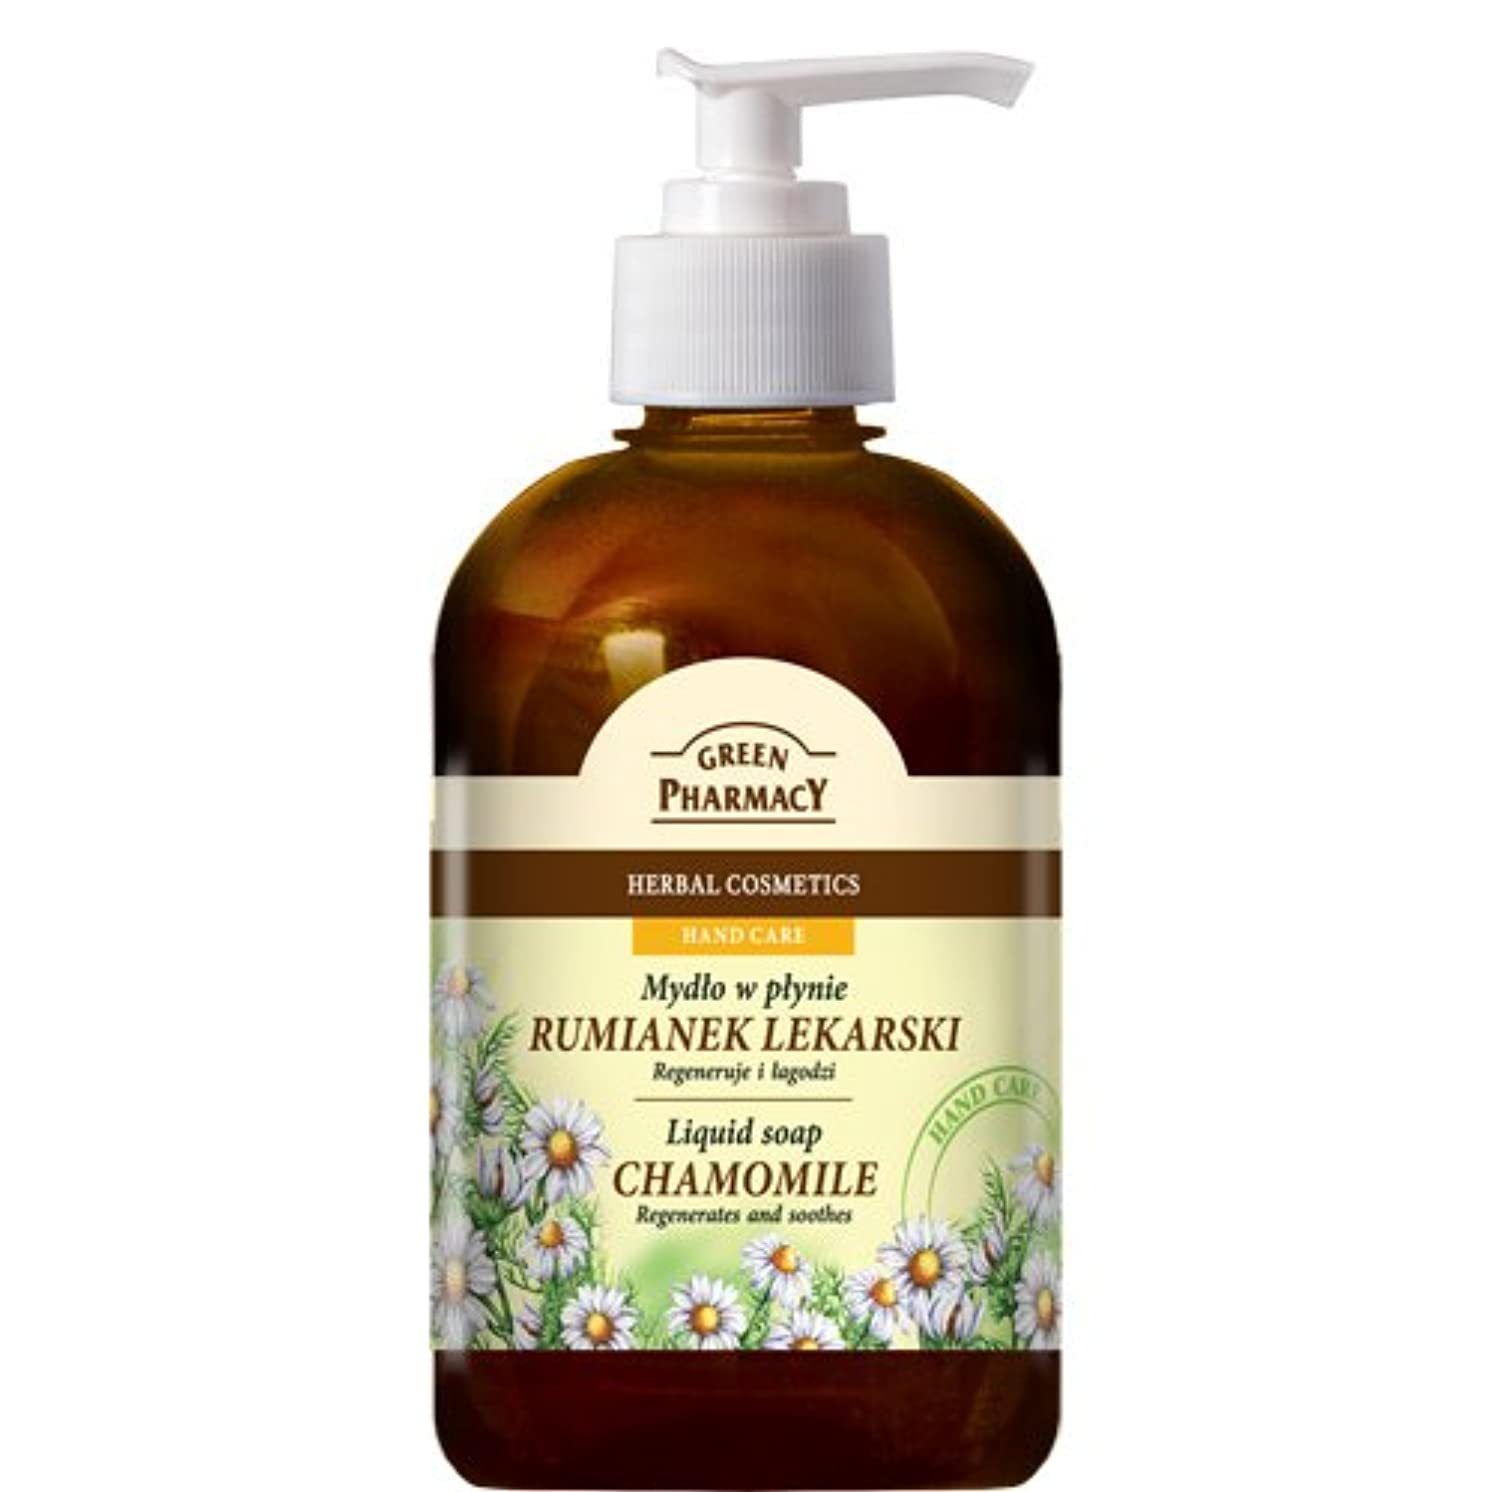 対応する気づく食べるElfa Pharm Green Pharmacy グリーンファーマシー Liquid Soap リキッドソープ Chamomile カモマイル